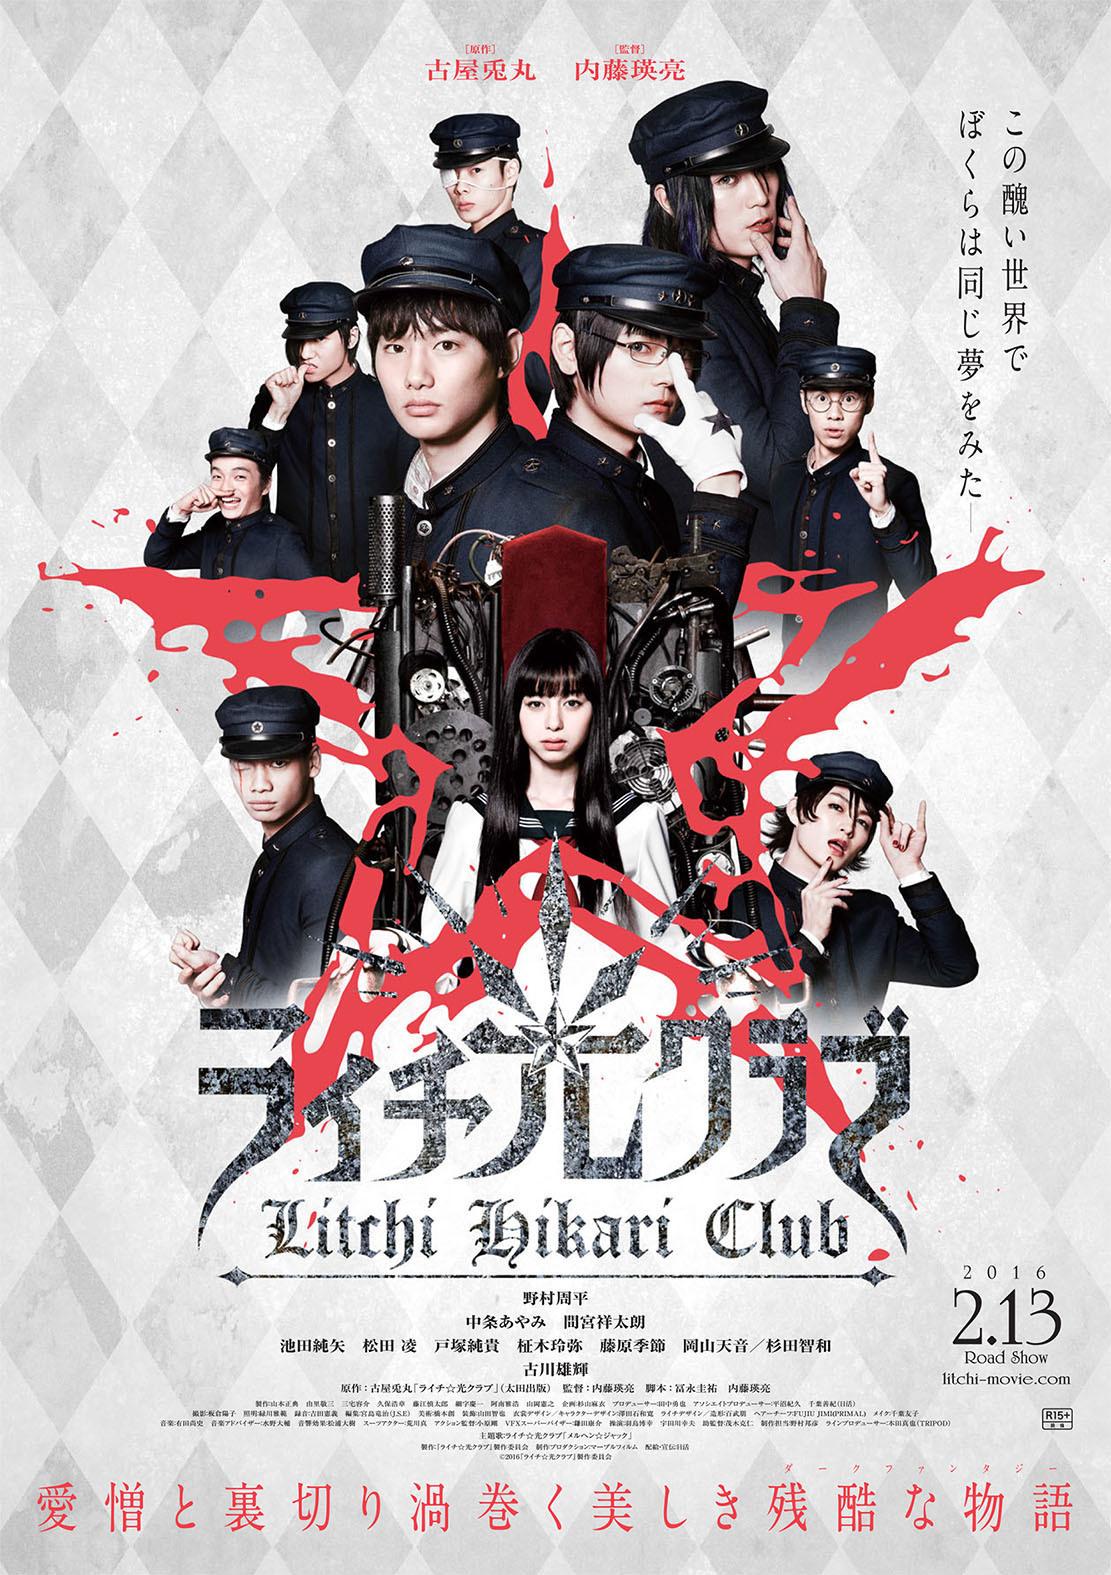 『ライチ☆光クラブ』